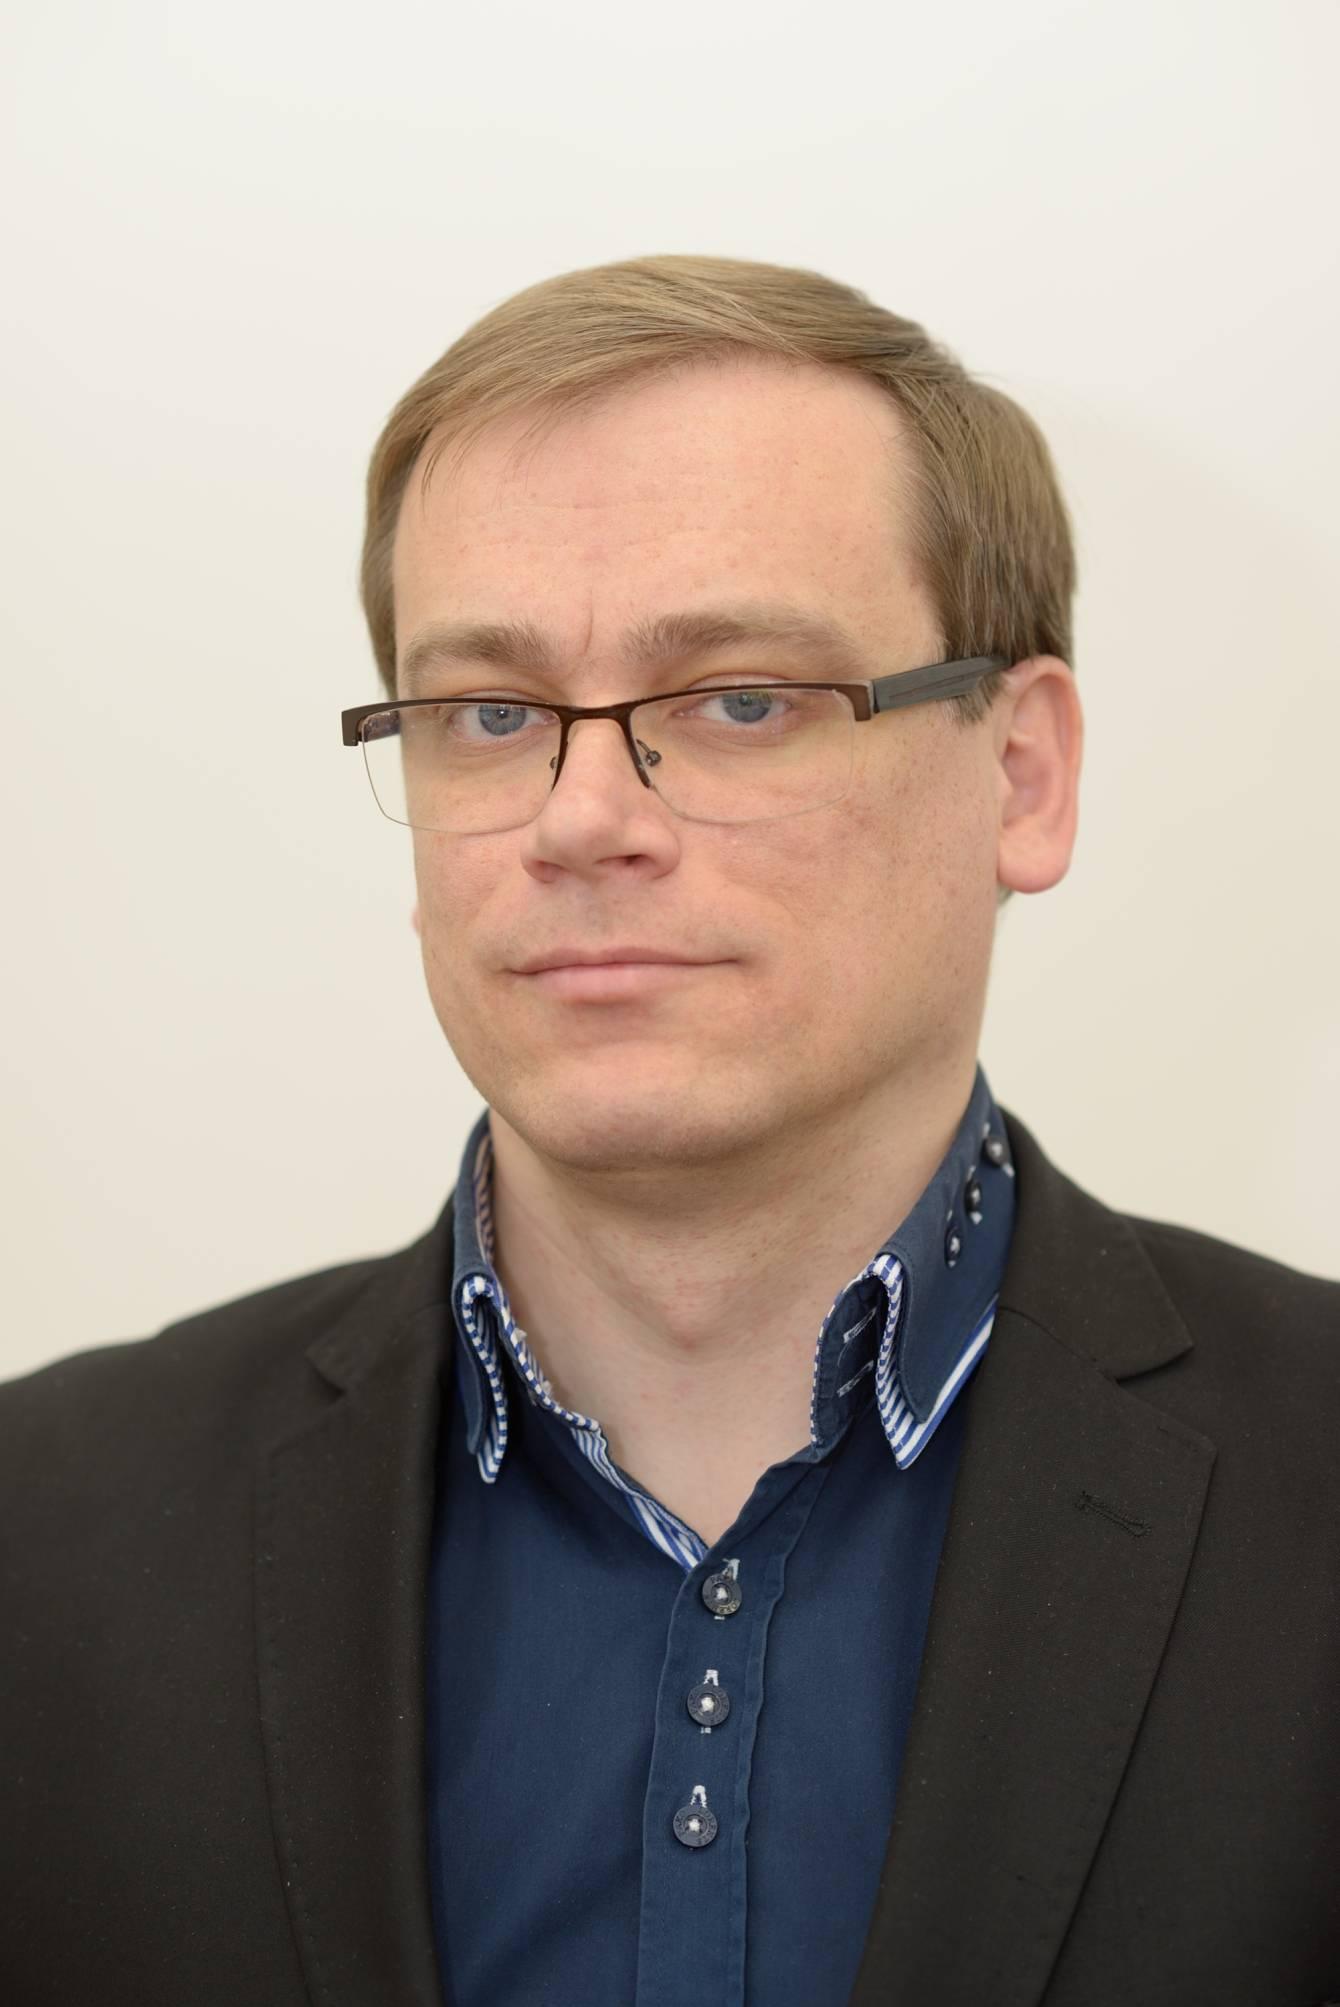 JUDr. Marián Gešper